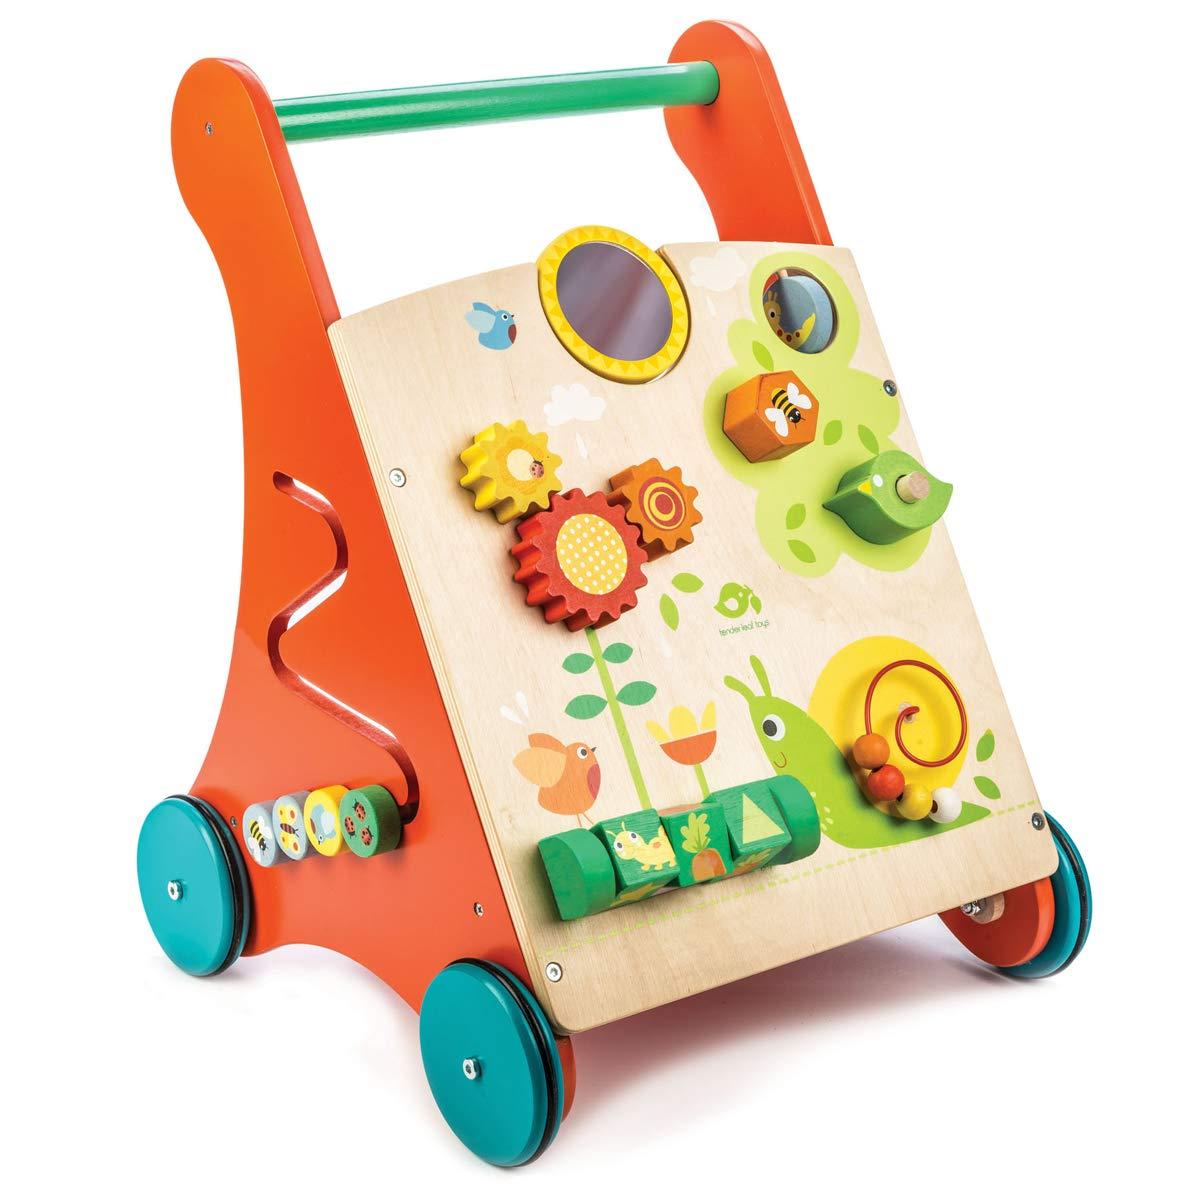 tender オモチャ おもちゃ leaf toys 木製 知育遊び付き手押し車 かわいいイギリスデザインのベビーウォーカー オモチャ つかまり立ち おもちゃ つかまり立ち 赤ちゃん 男の子 女の子 知育玩具 B07C3TXFY7, いい家具ダイレクト:d151778b --- infinnate.ro